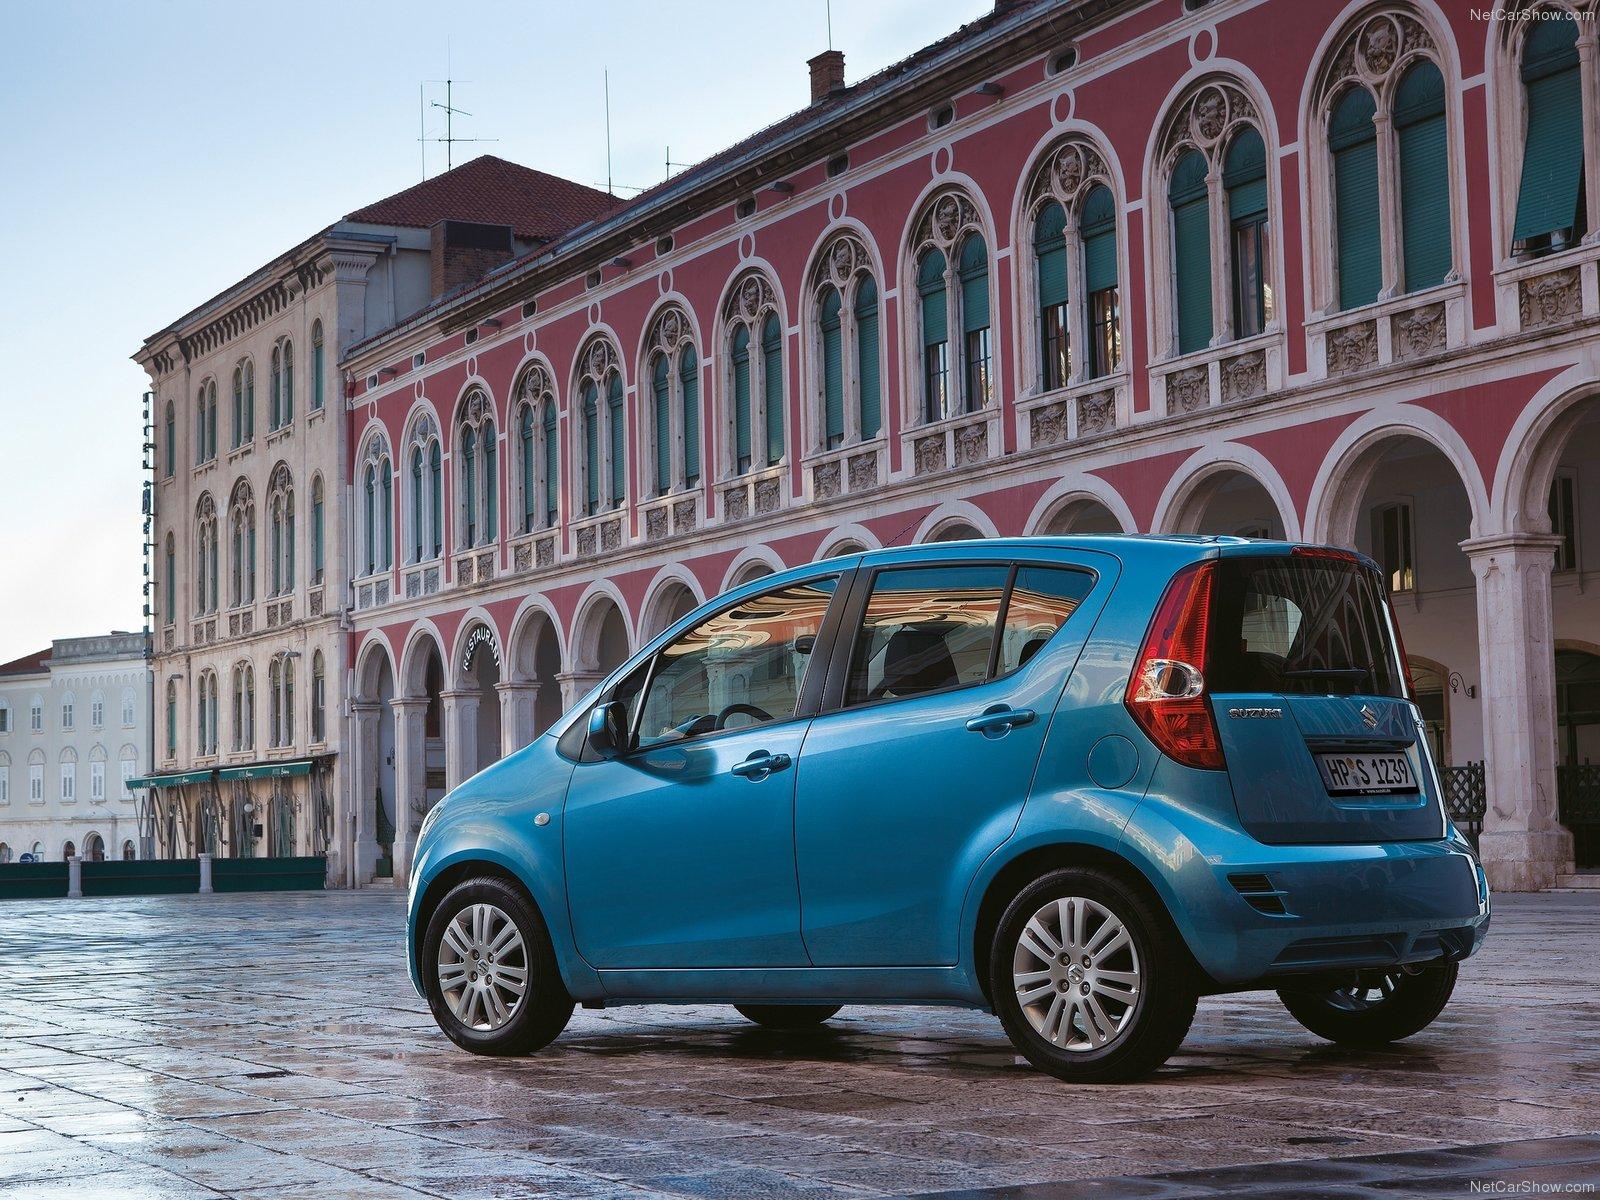 Hình ảnh xe ô tô Suzuki Splash 2012 & nội ngoại thất